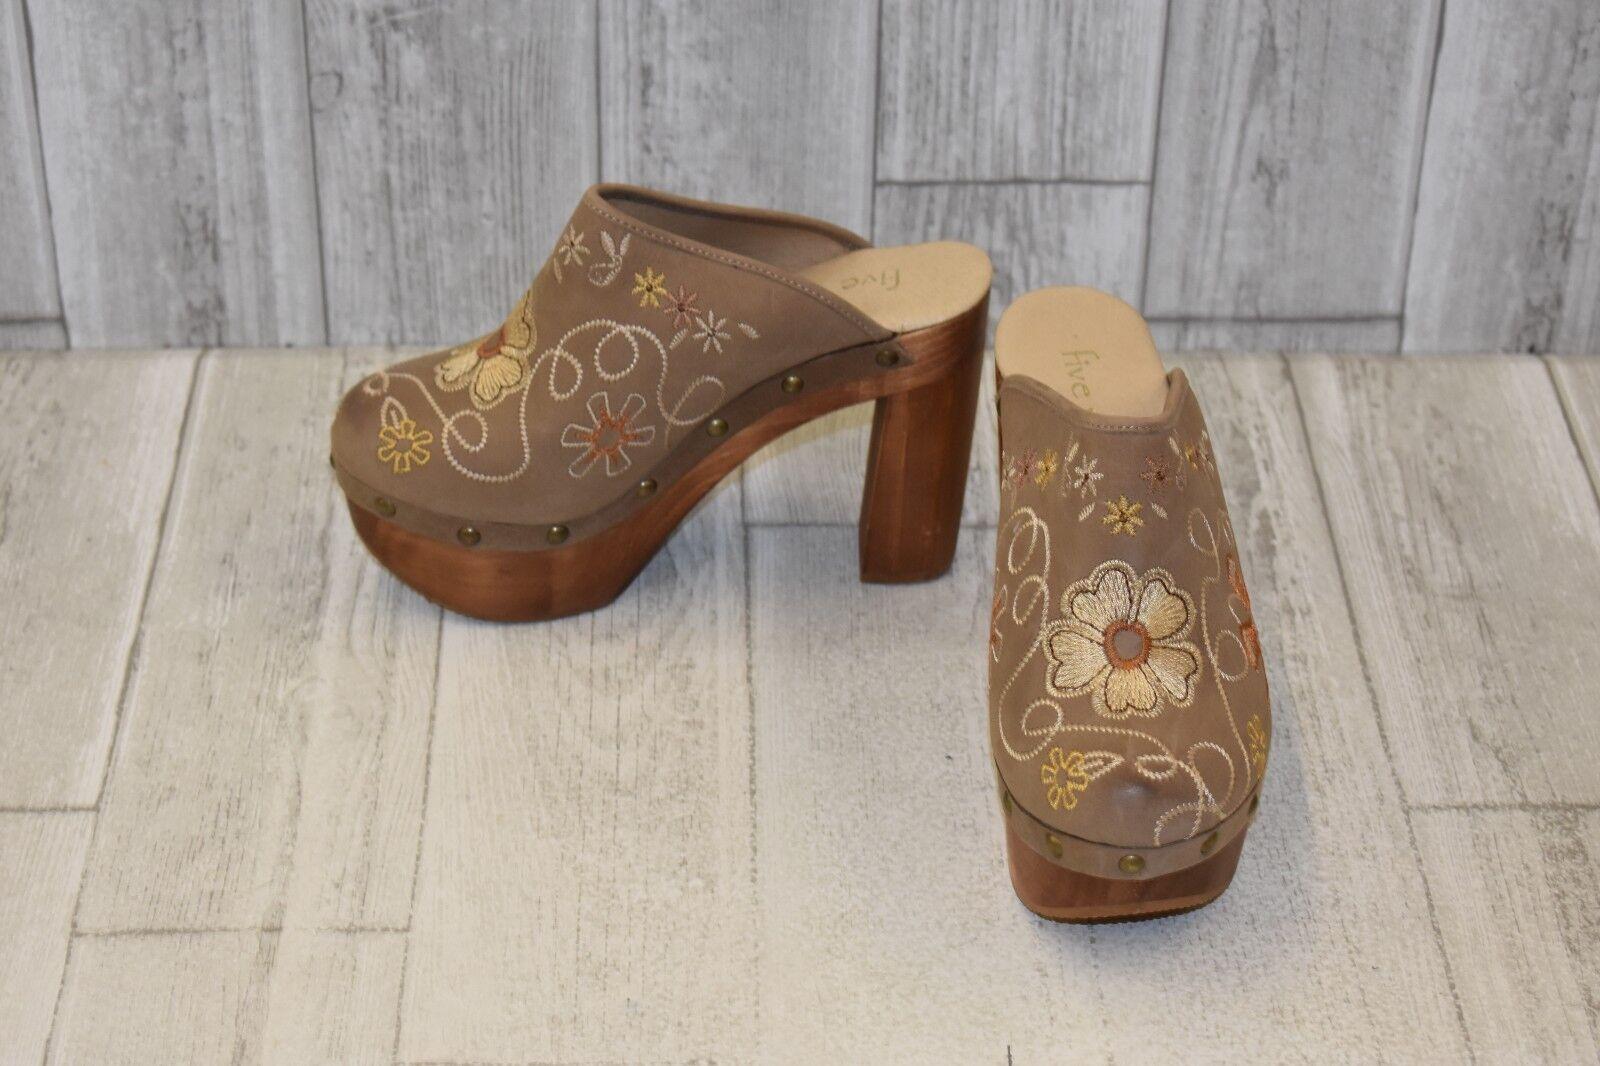 consegna diretta e rapida in fabbrica Five Worlds by Cordani Senora Senora Senora Embroidered Mules - Donna  Dimensione 7.5 - Bisque  nuovo di marca